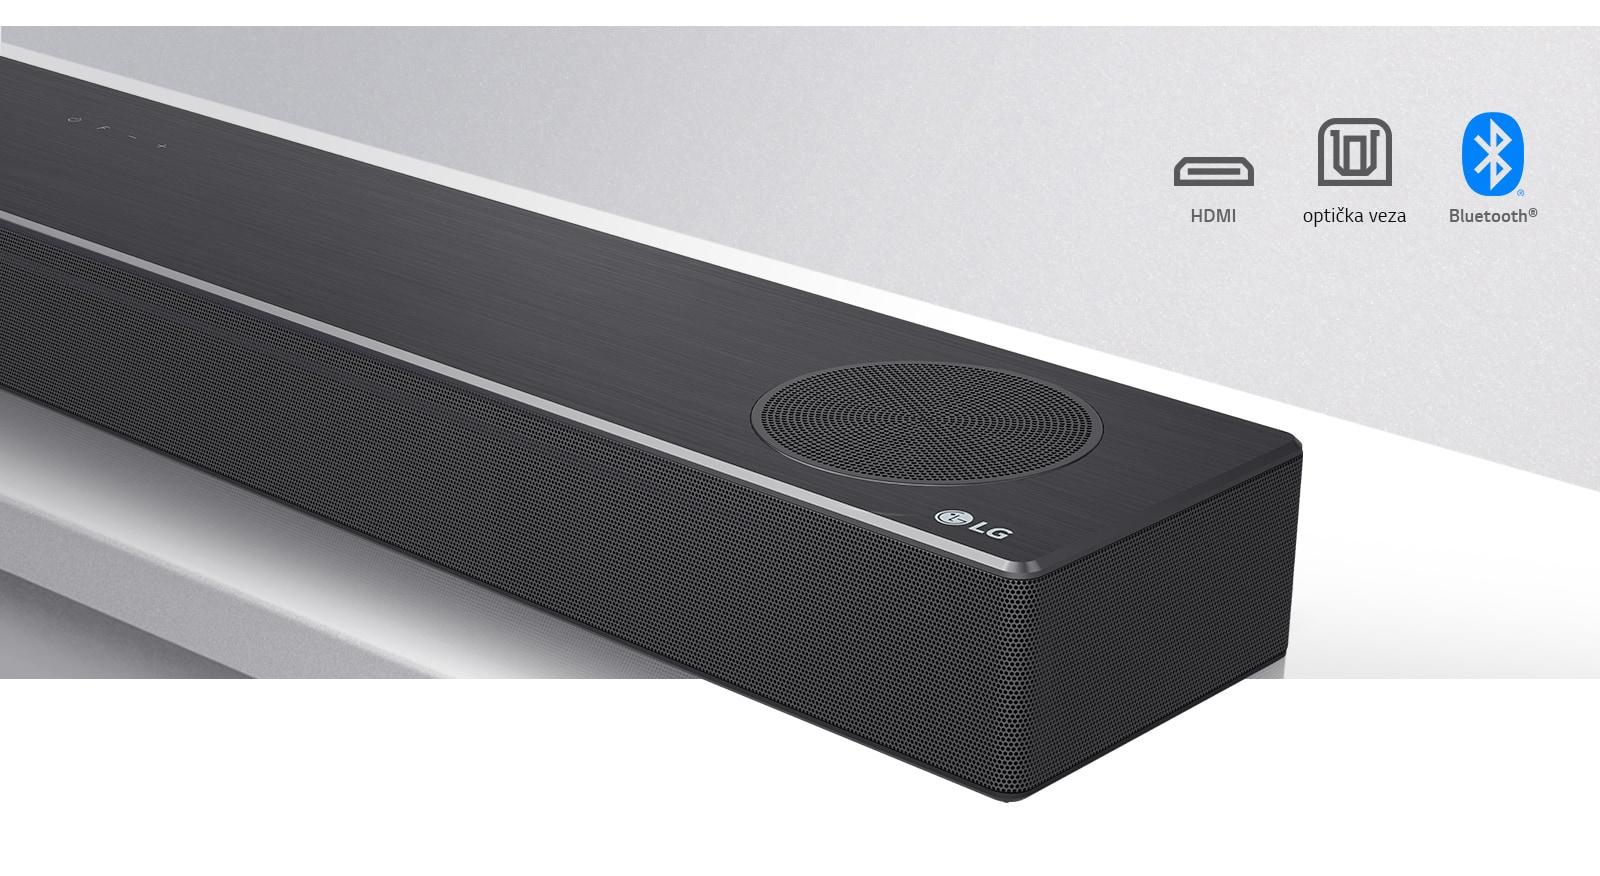 Pogled od blizu na desno stran zvočne vrstice LG z logotipom LG v spodnjem desnem kotu. Ikone povezljivosti so prikazane nad izdelkom.